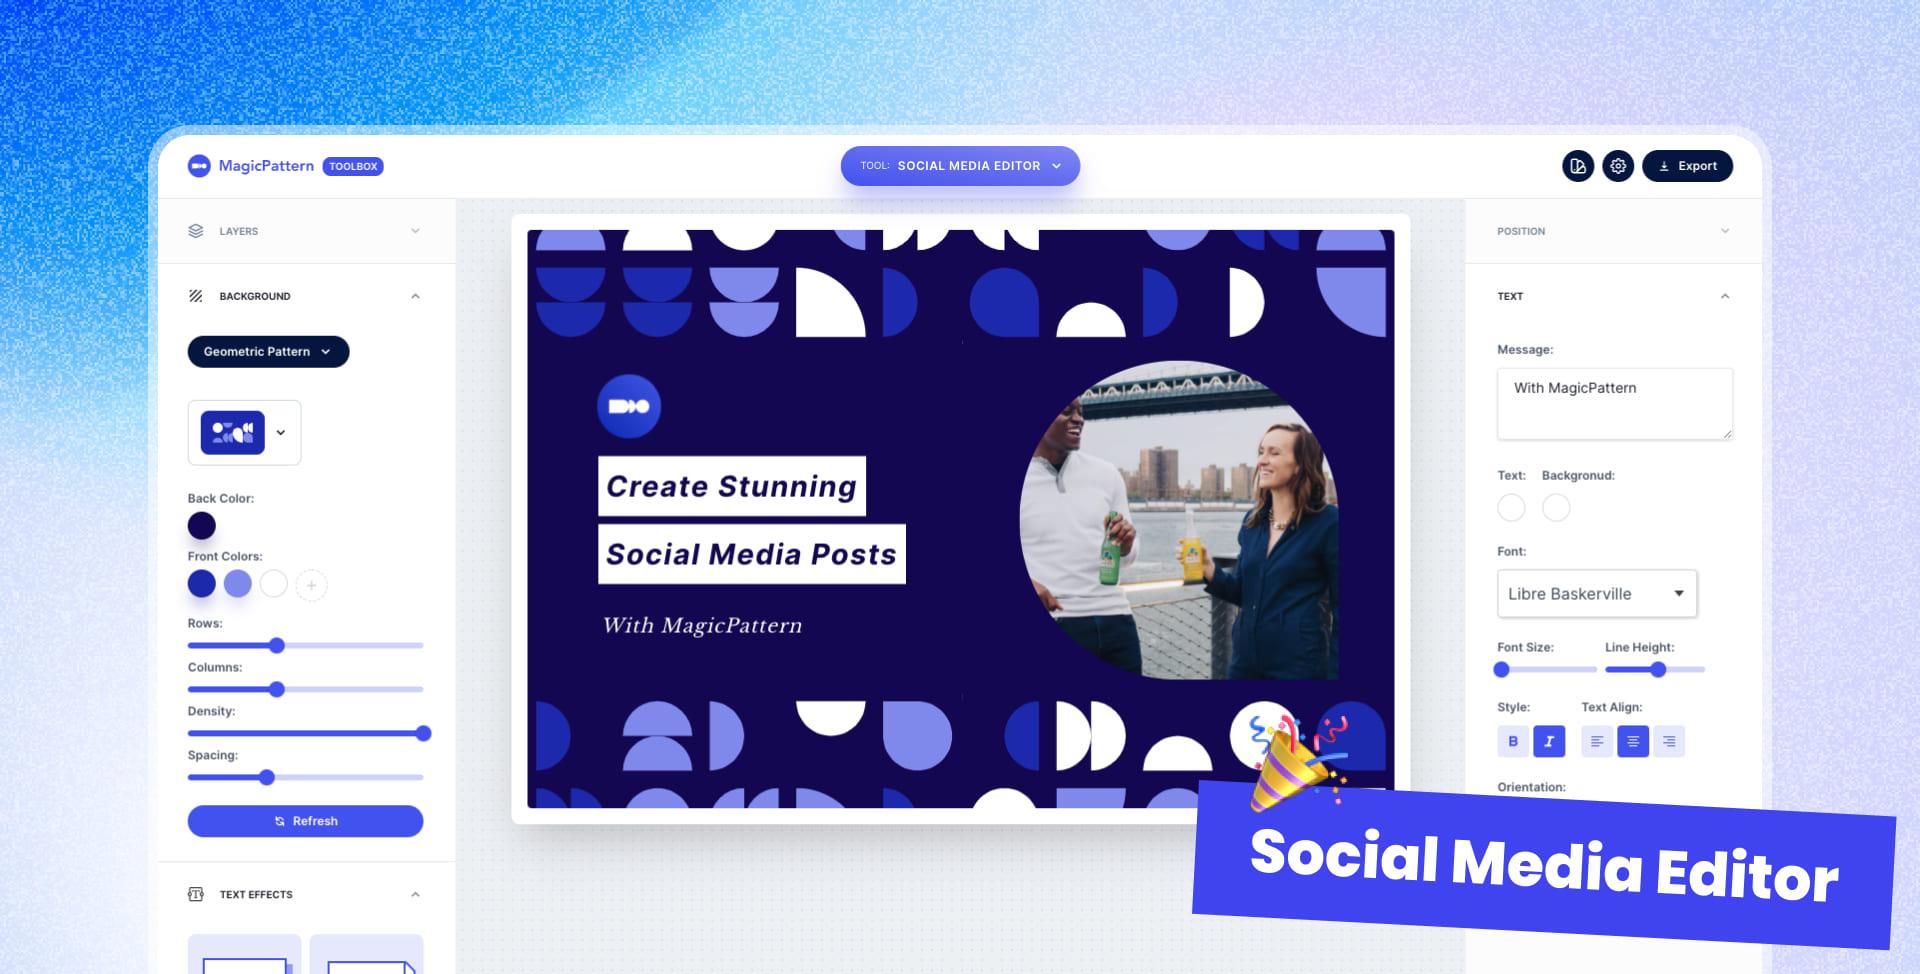 🎉 New tool: Social Media Editor